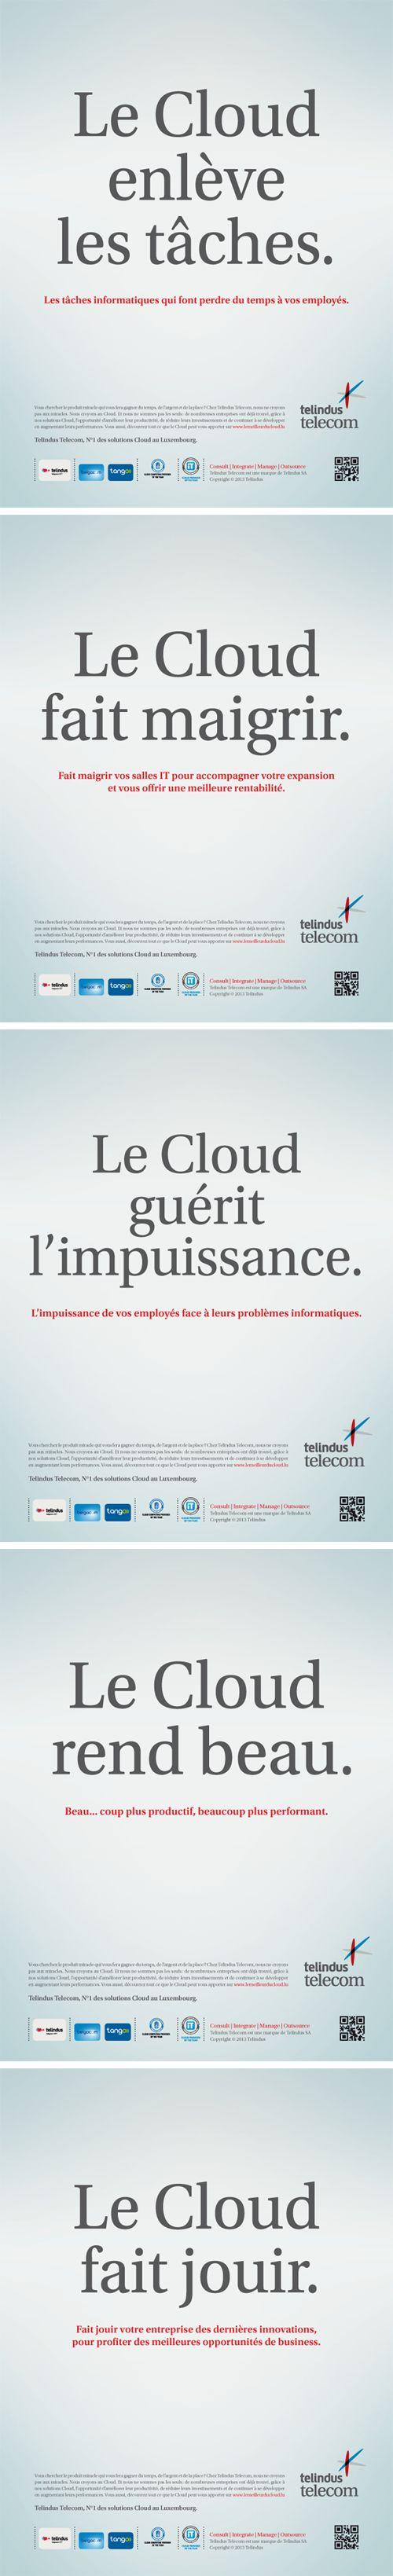 Annonceur : Telindus Telecom Campagne : Le cloud, produit miracle Agence : Concept Factory Publication : octobre 2013